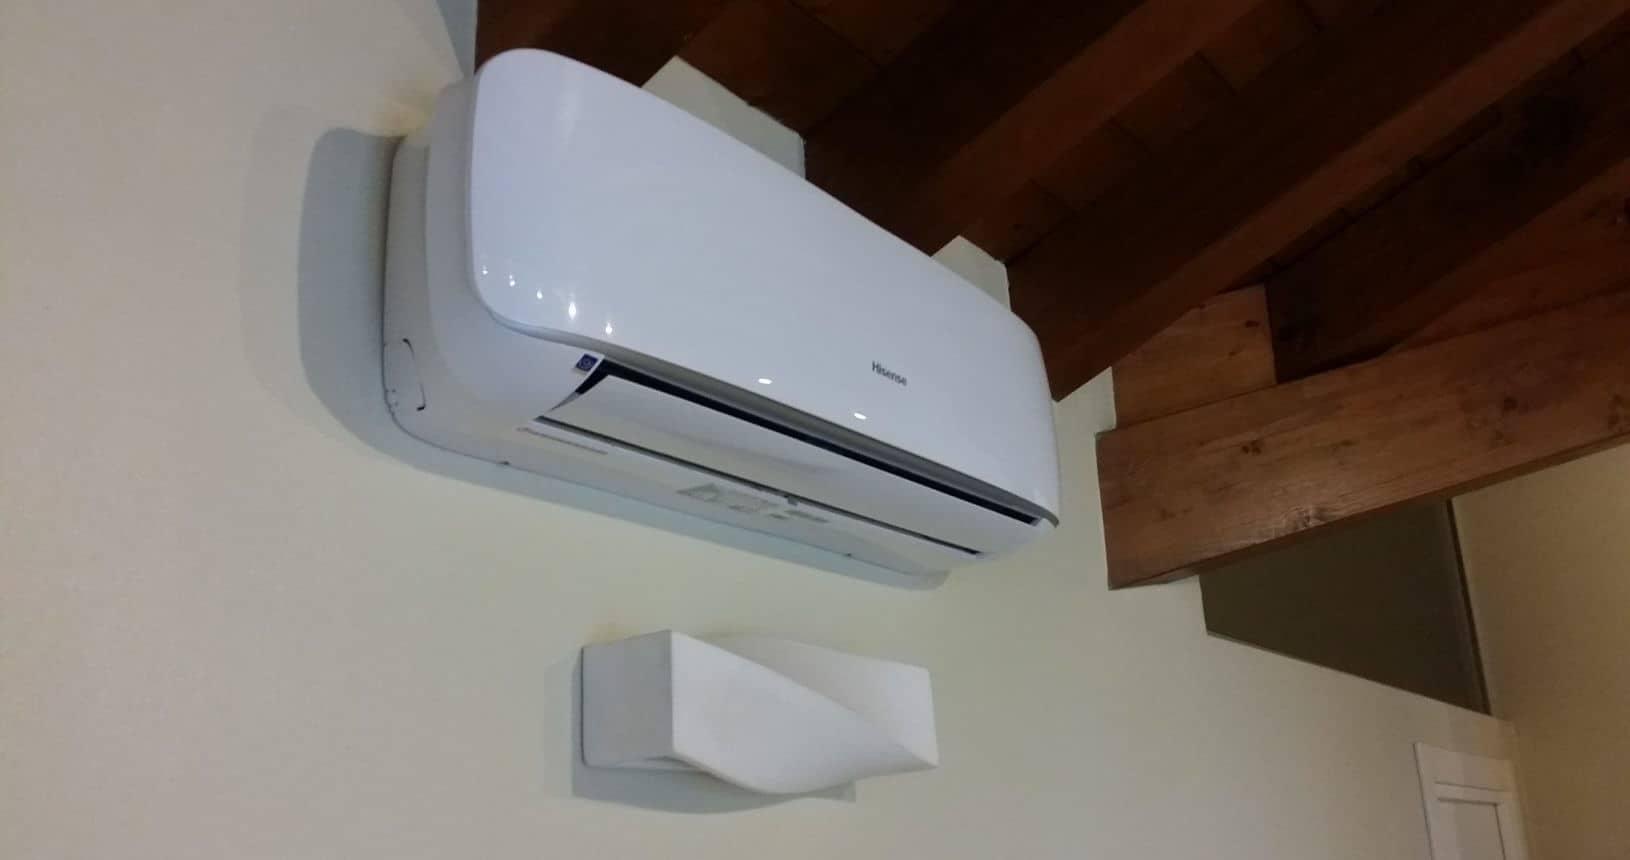 climatizzatore_hisense_unita_interna-serie_mini-apple-pie